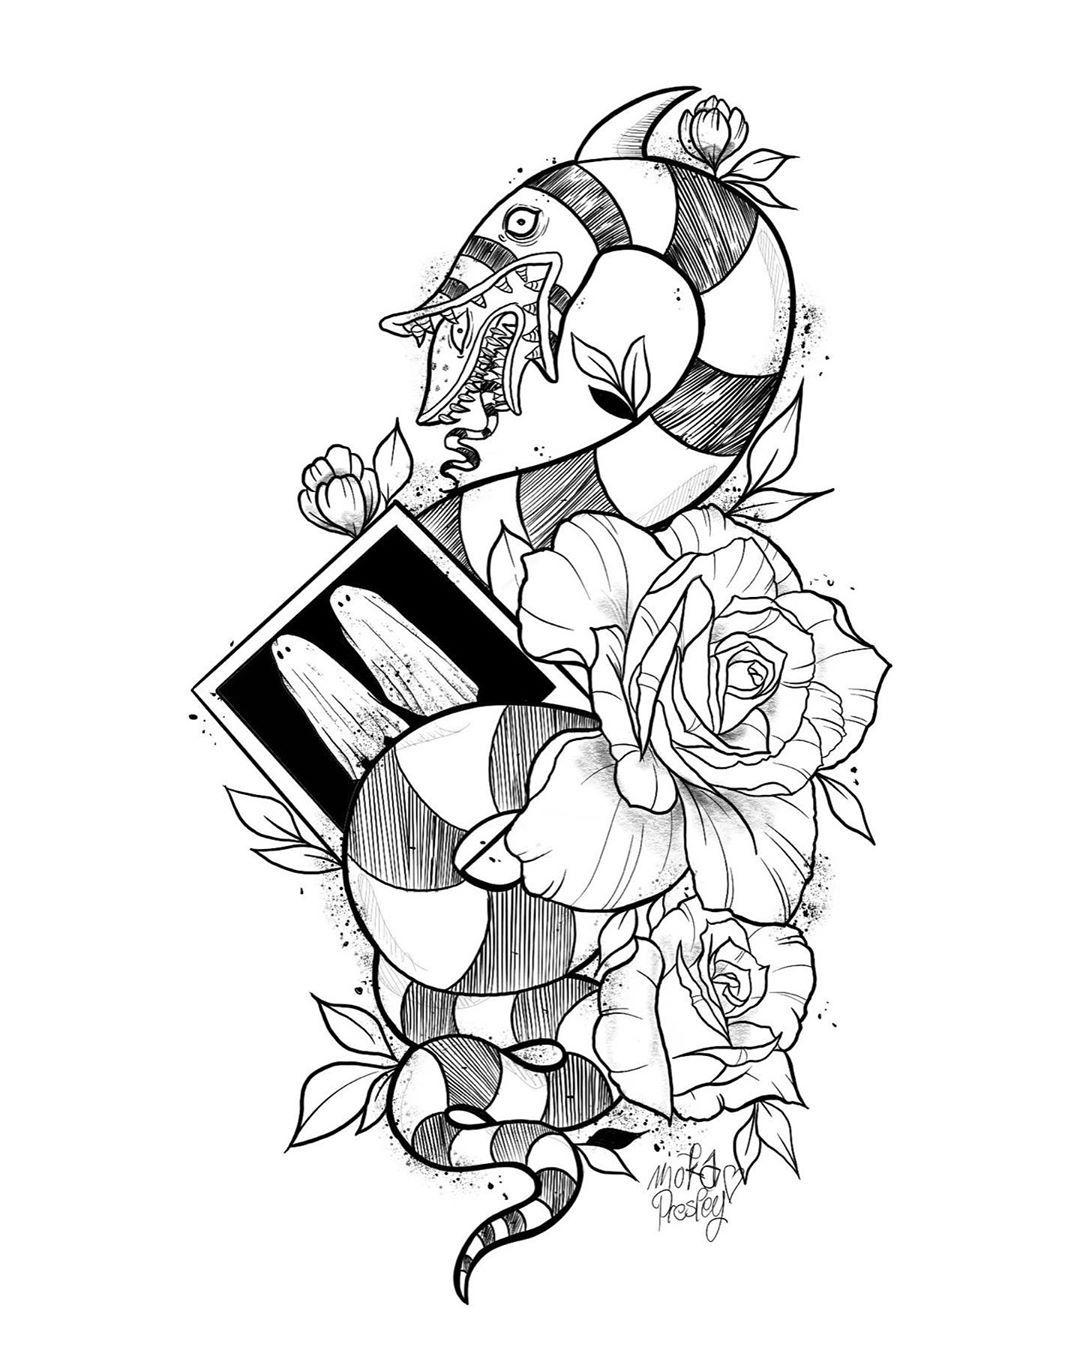 Moka Presley Tattoo On Instagram Beetlejuice Beetlejuice Beetlejuice It S Showtime Tat Beetlejuice Tattoo Tim Burton Tattoo Halloween Tattoos